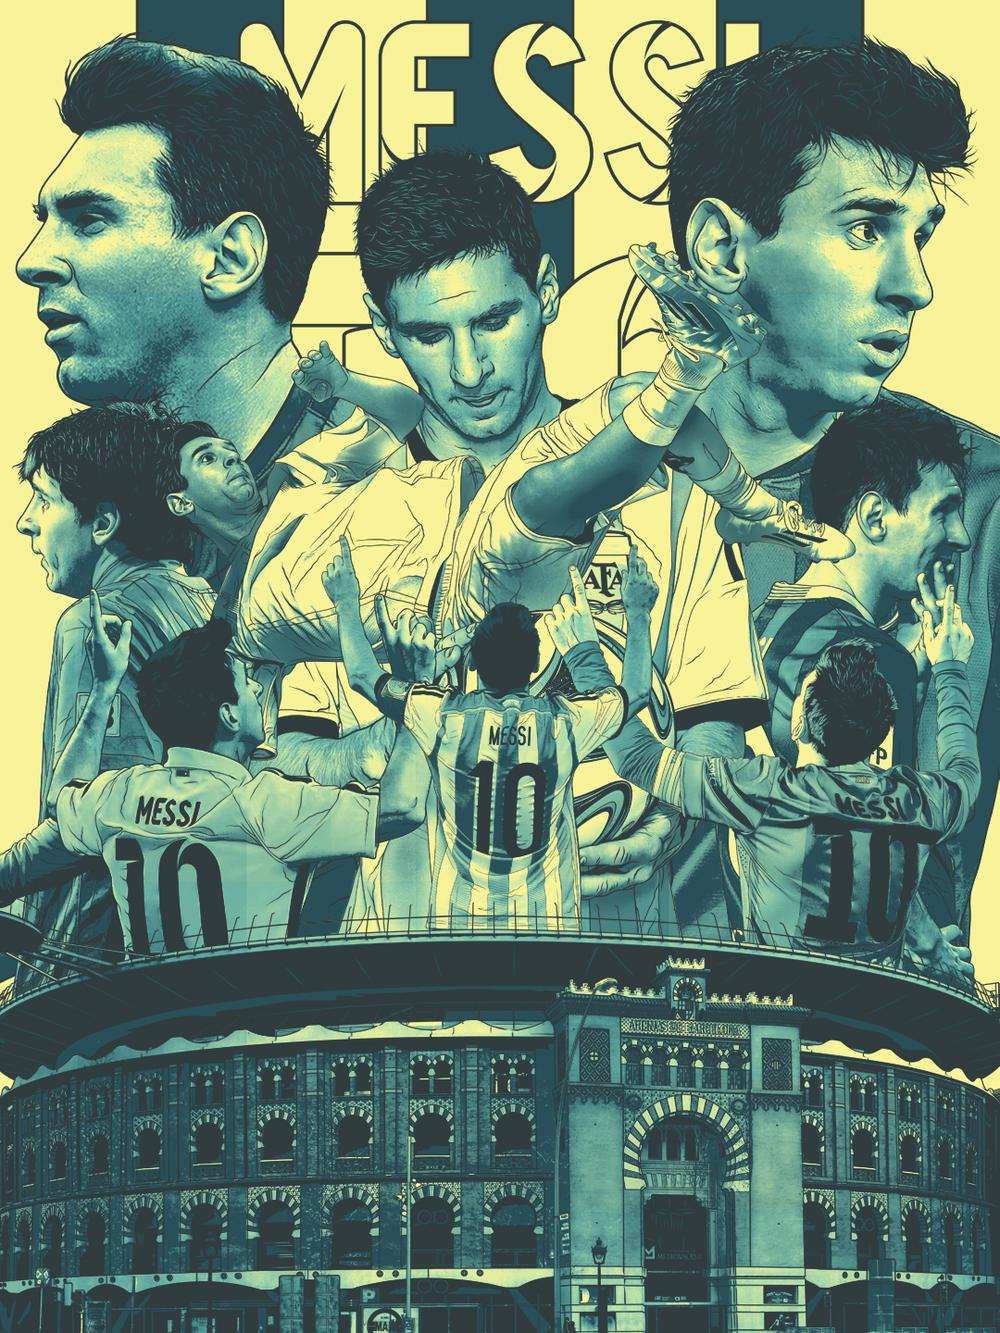 La-Casa-Que-Messi-Construyo-2-copy.jpg